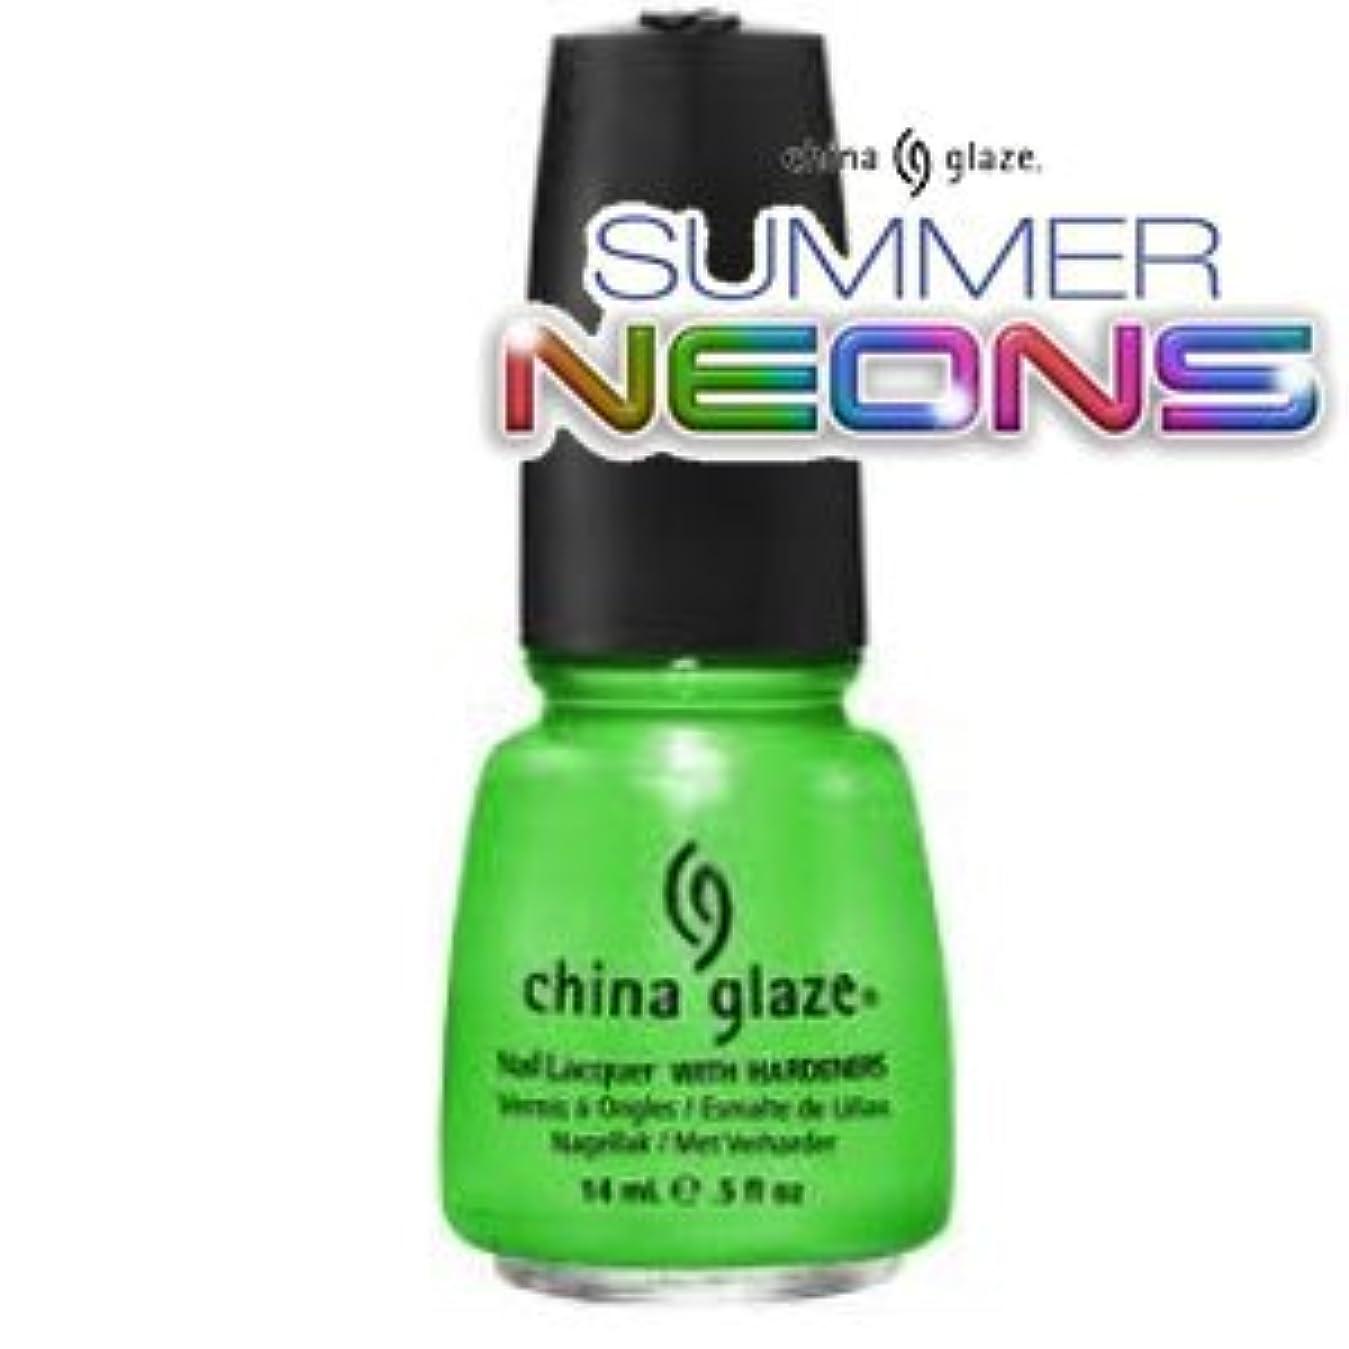 立場霊姿勢(チャイナグレイズ)China Glaze I'm With The Lifeguardーサマーネオン コレクション [海外直送品][並行輸入品]